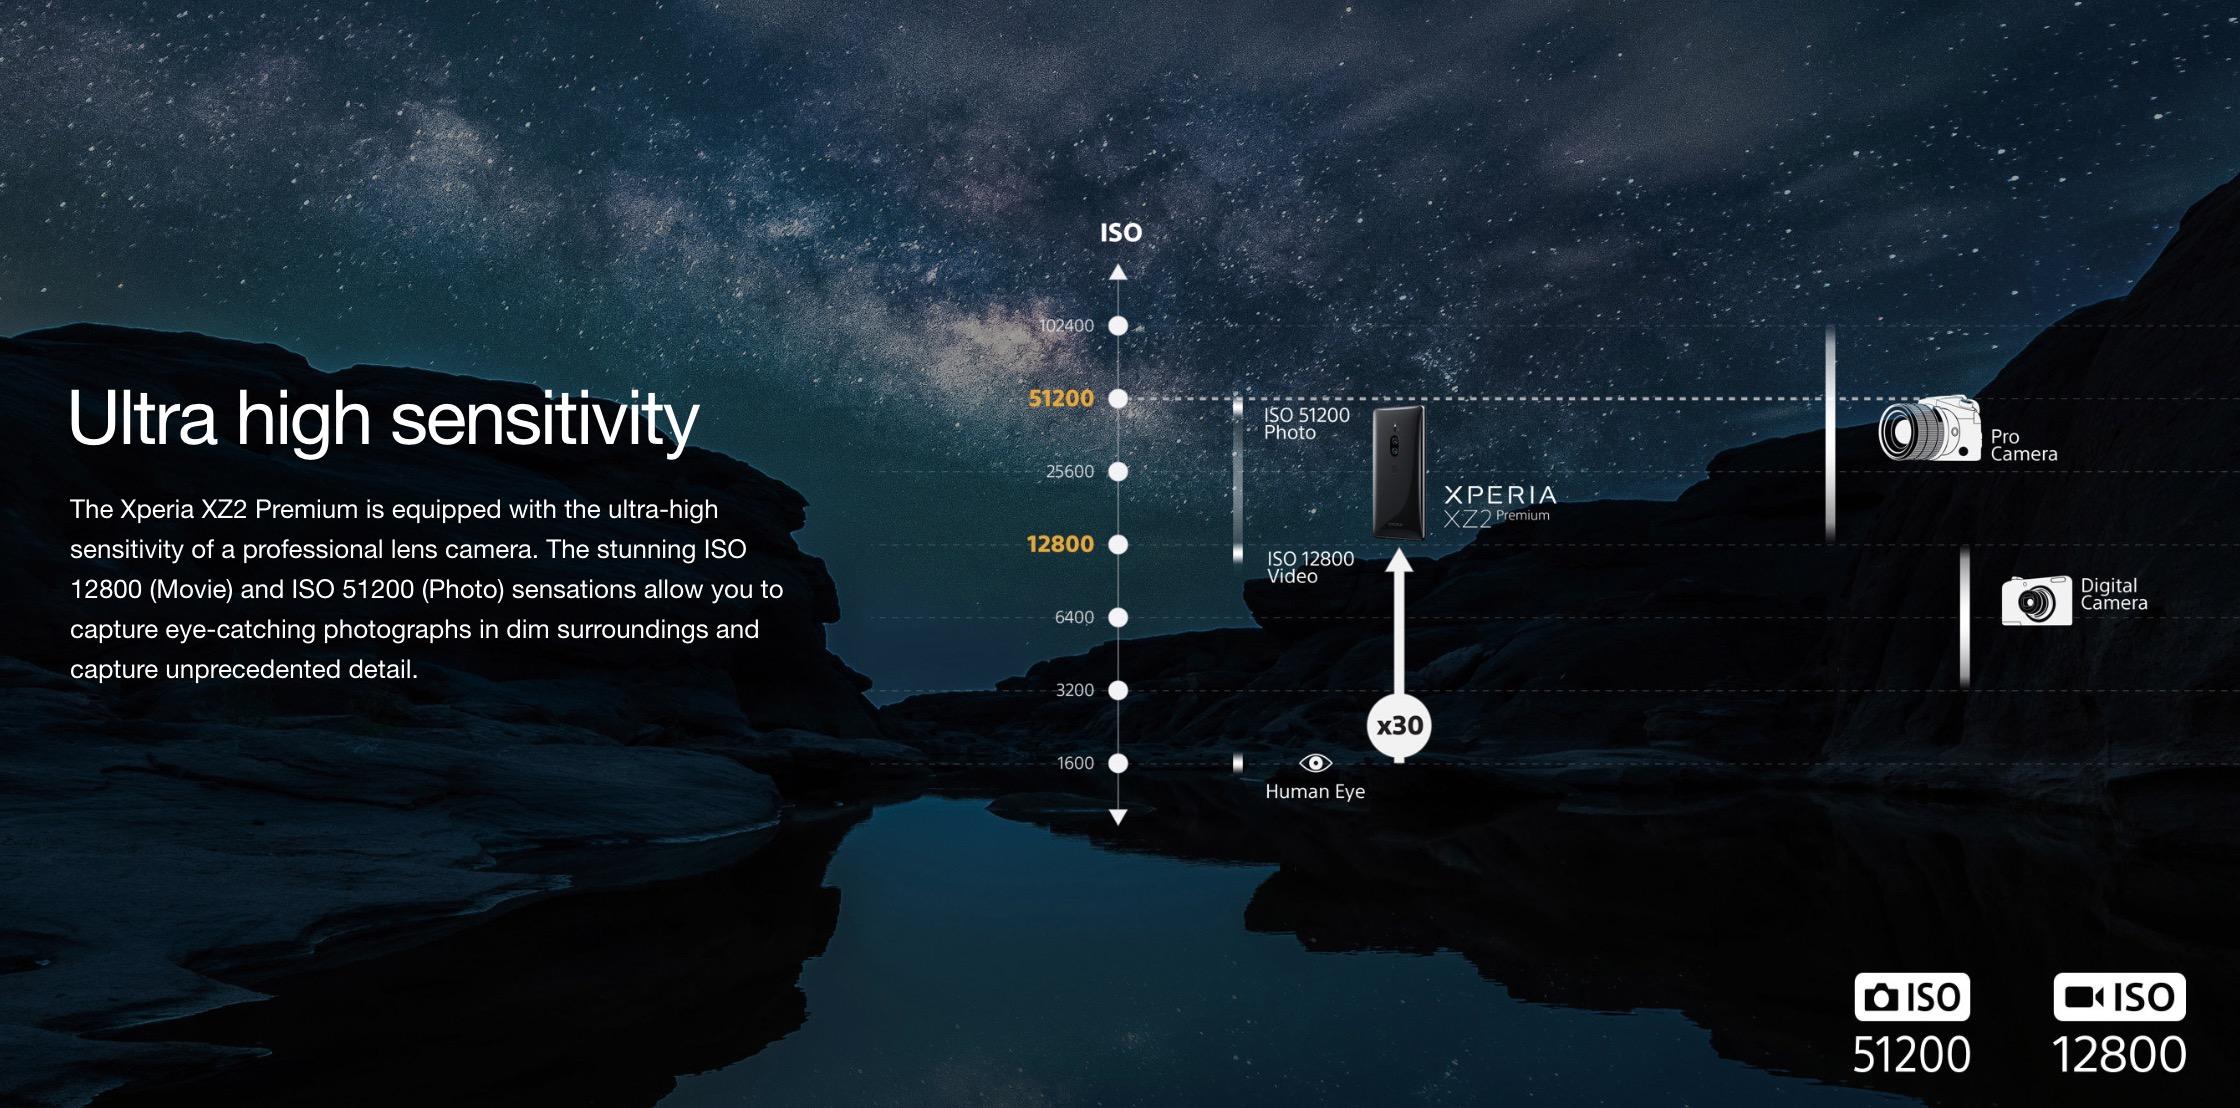 Sony ra mắt Xperia XZ2 Premium với màn hình 4K HDR, camera kép có ISO lên đến 51200, giá 22 triệu